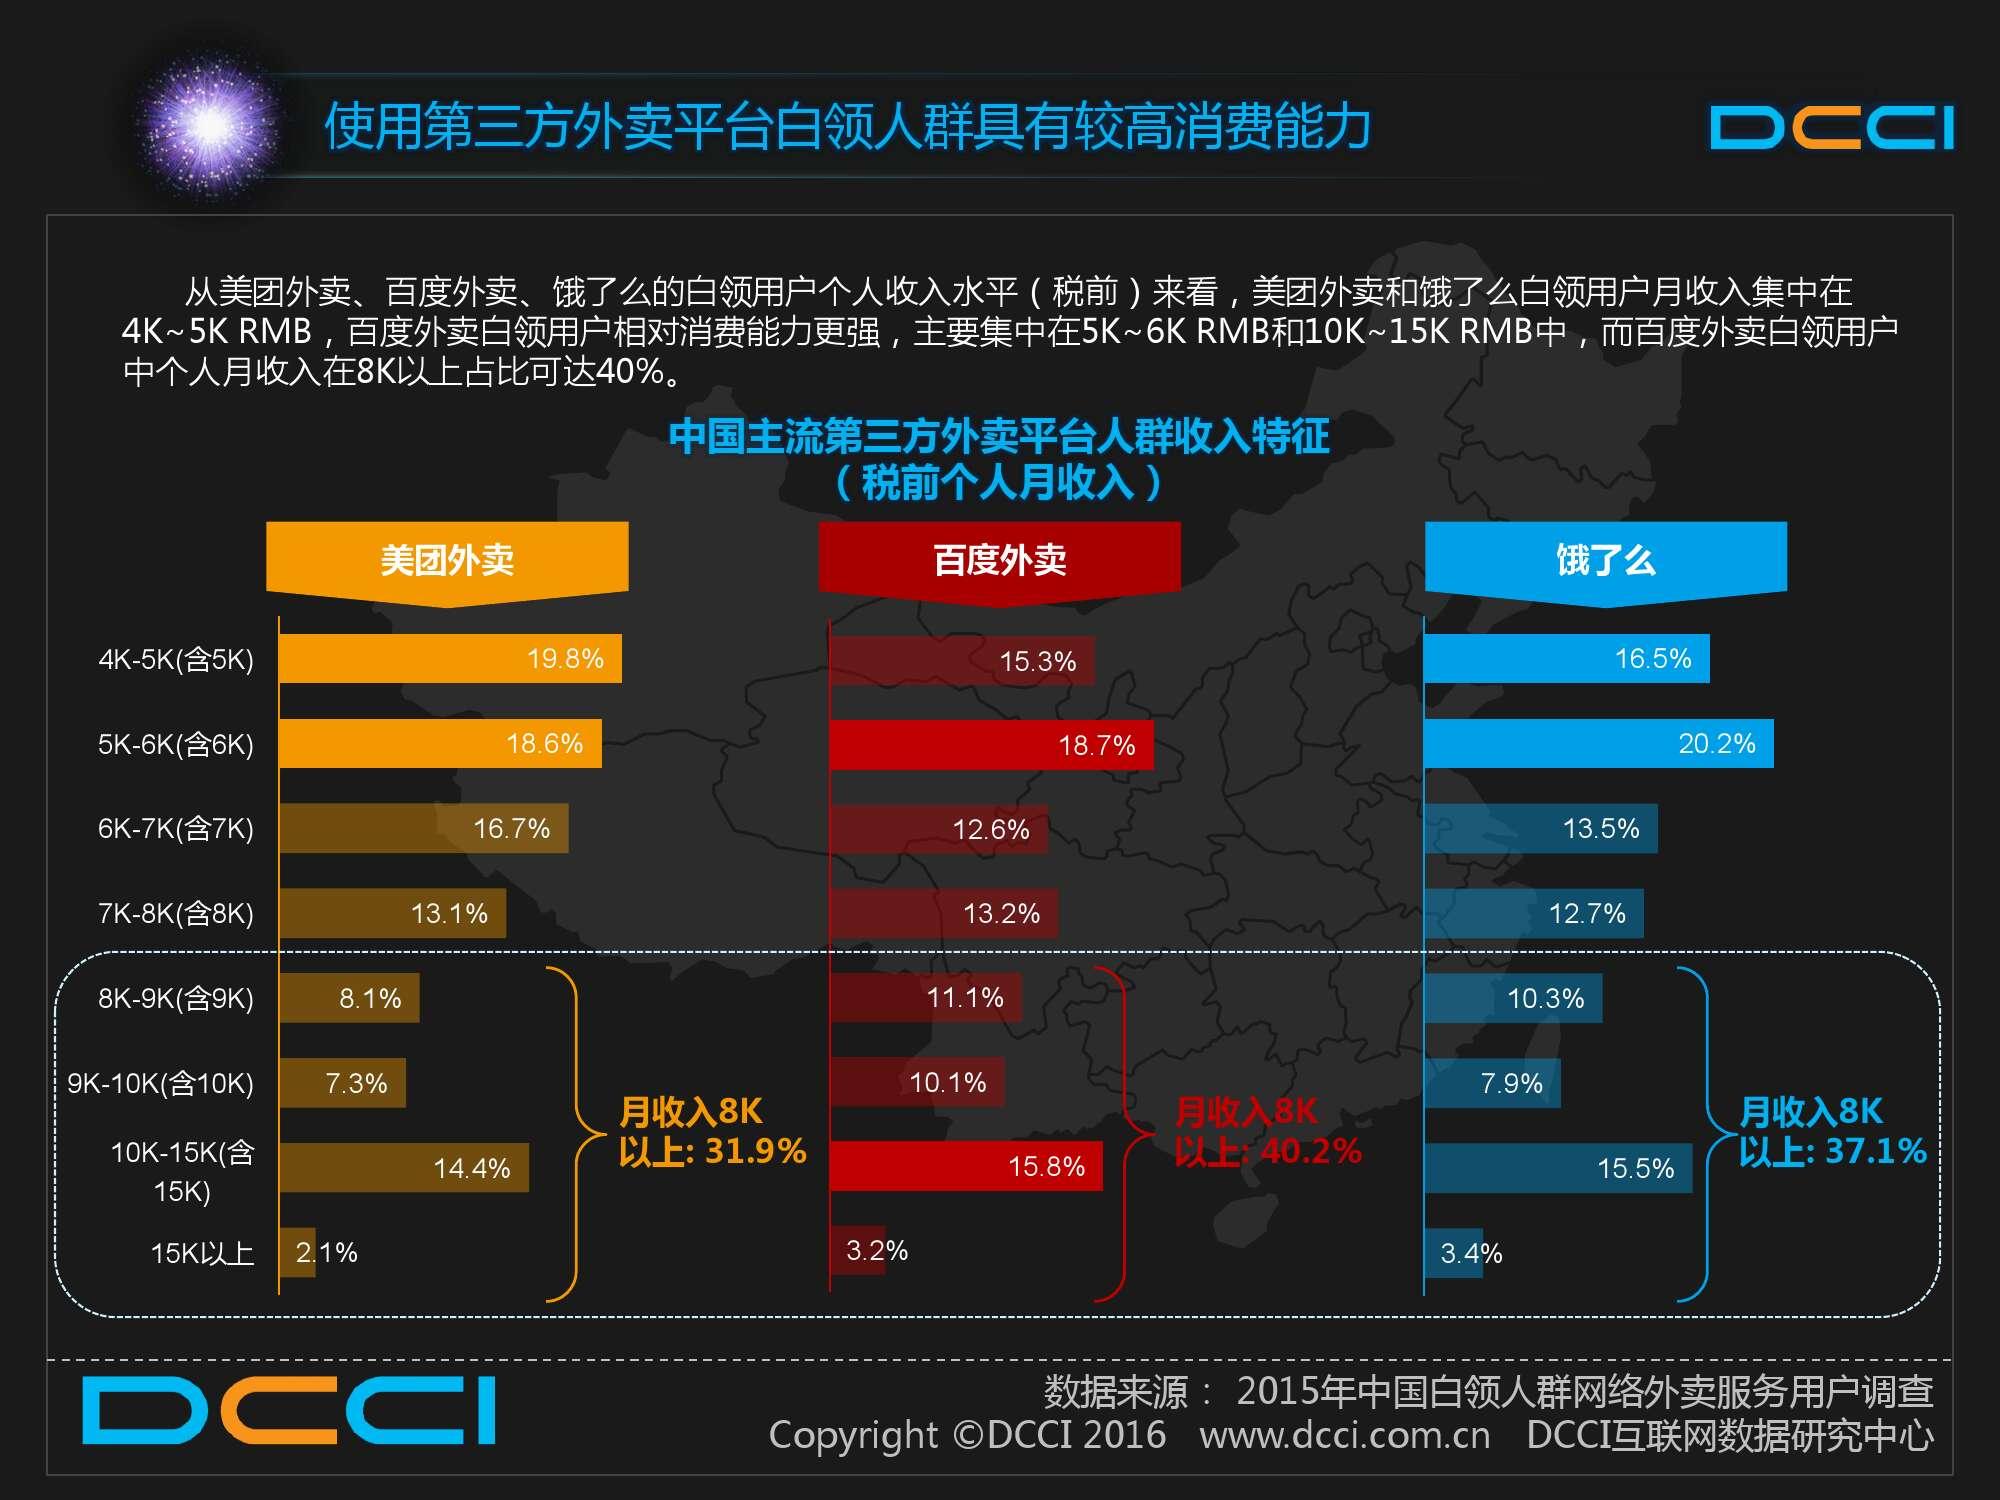 2015中国白领人群网络外卖服务研究报告_000027